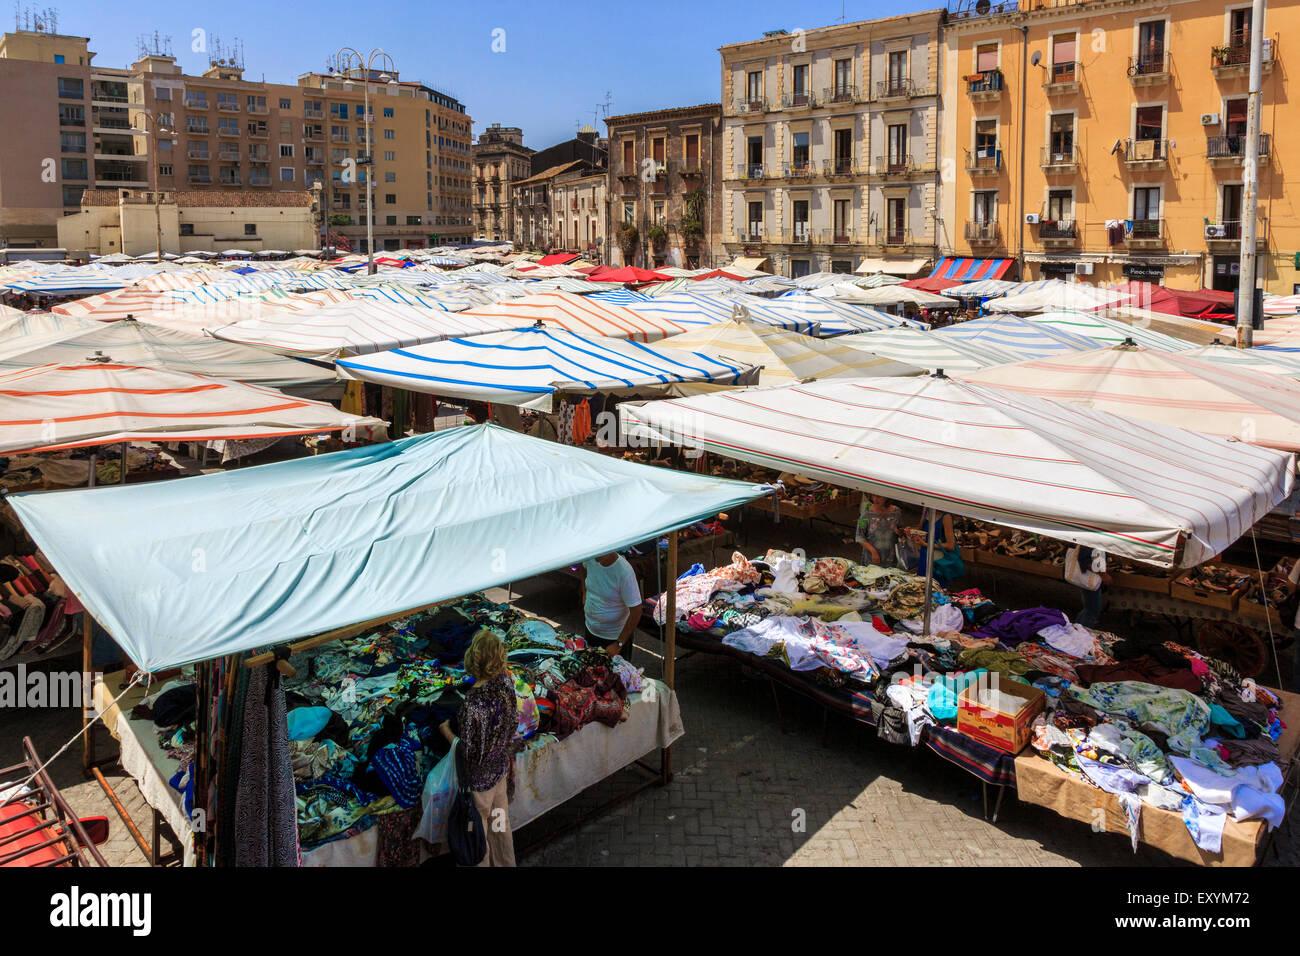 Straßenmarkt, Catania, Sizilien, Italien Stockbild